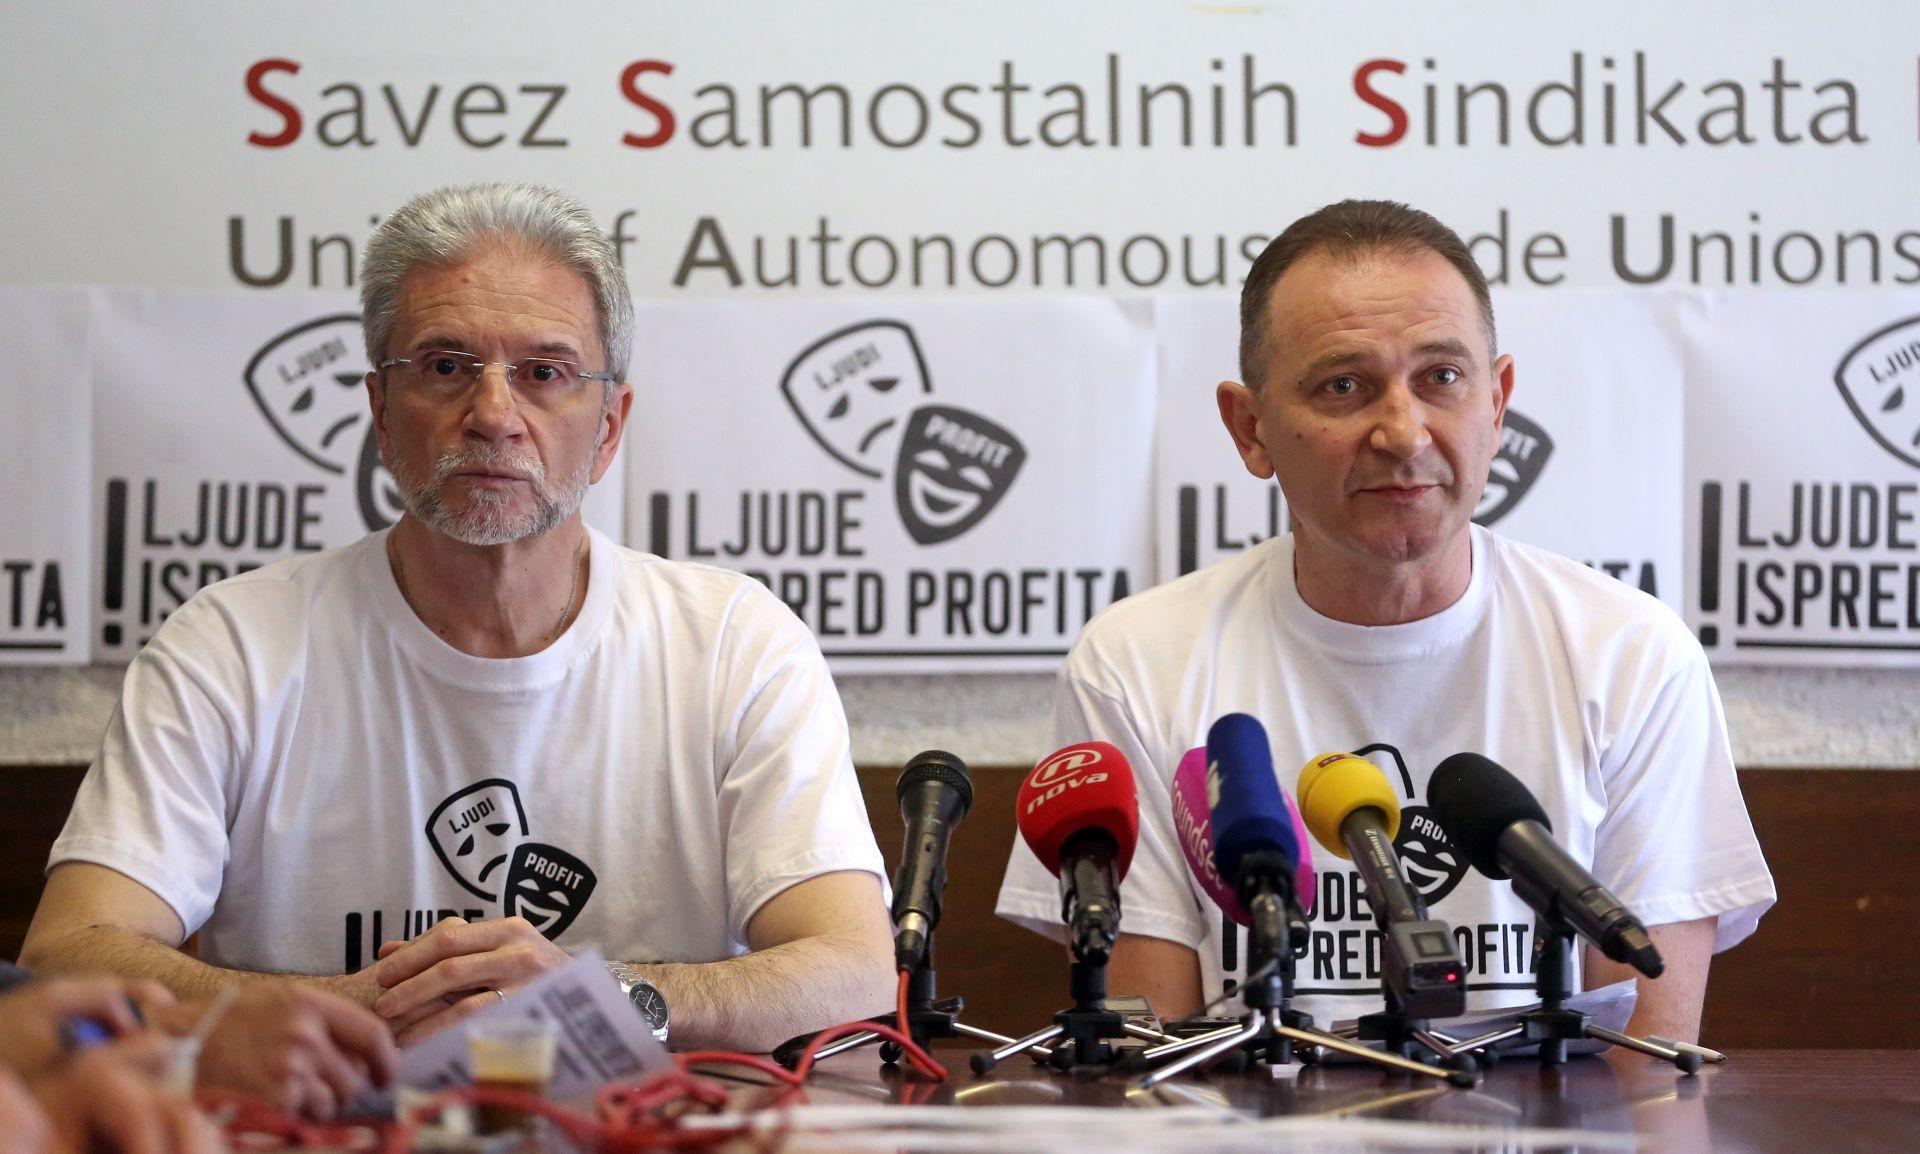 """""""Ljude ispred profita"""": Sindikati za 1. svibnja najavljuju prosvjed"""